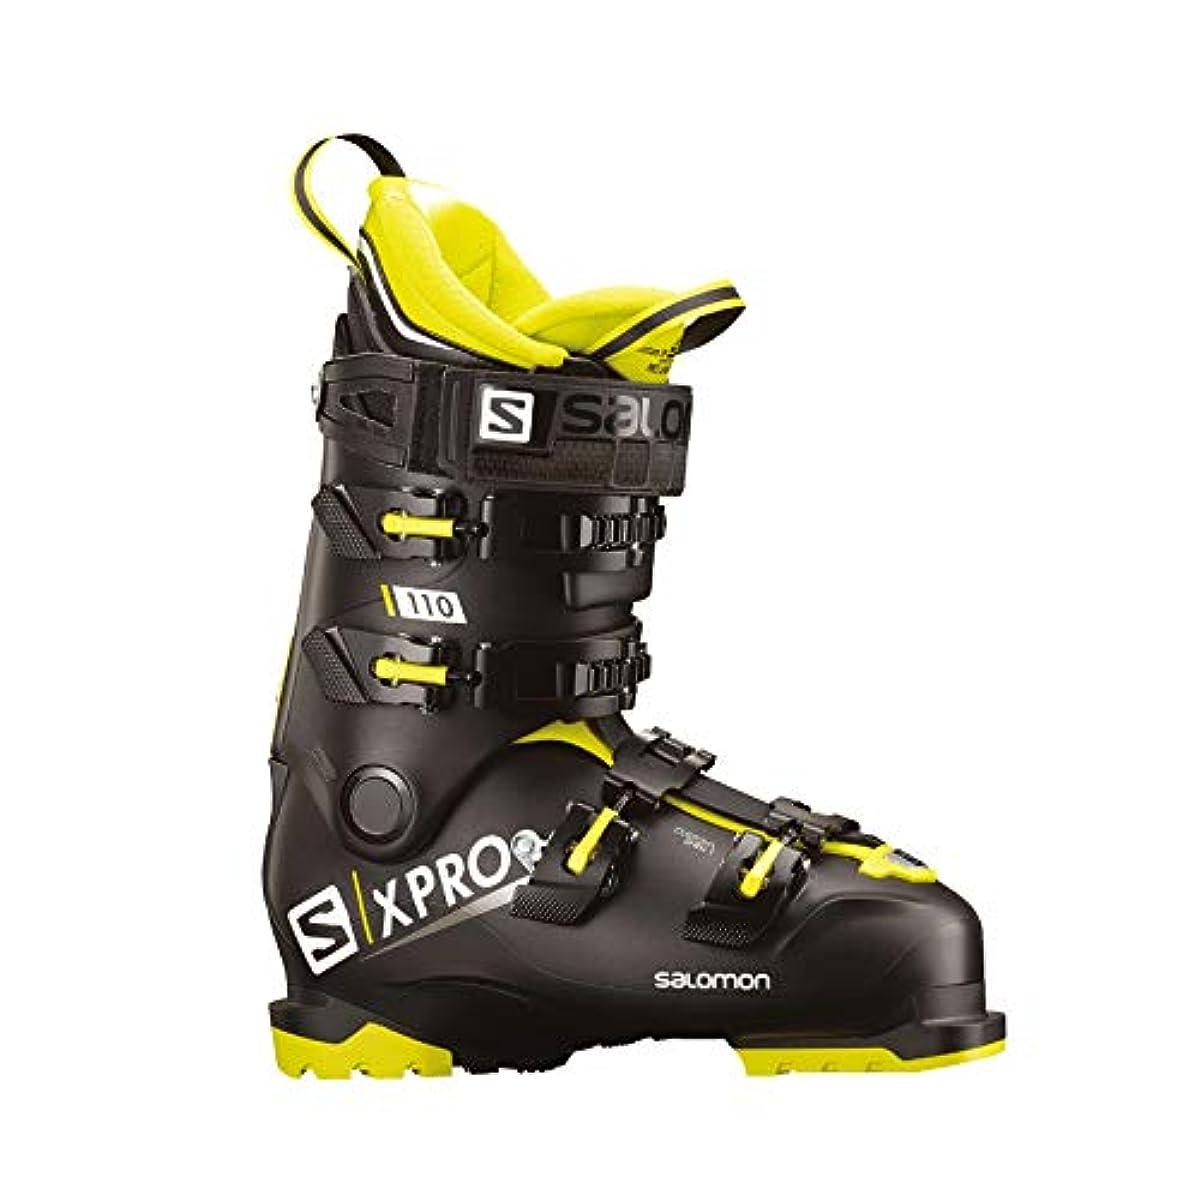 [해외] 살로몬SALOMON 스키화 맨즈 X PRO 110 2018-19년 모델 L40551100